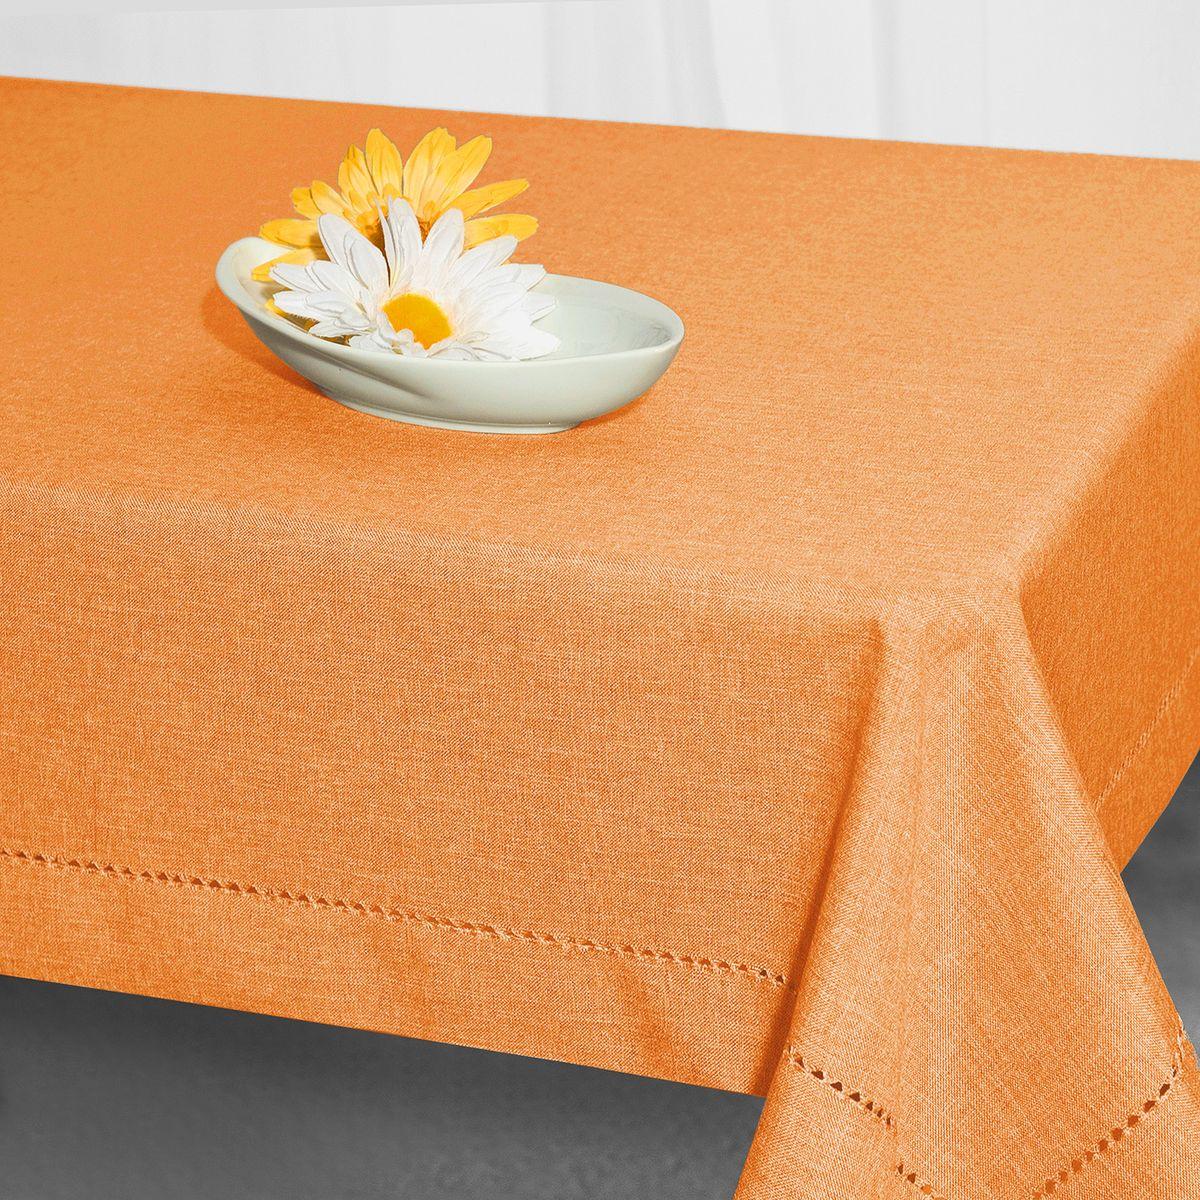 Скатерть Schaefer, прямоугольная, цвет: оранжевый, 130 x 170 см. 07599-42907599-429Стильная скатерть Schaefer выполнена из полиэстера.Изделия из полиэстера легко стирать: они не мнутся, не садятся и быстро сохнут, они более долговечны, чем изделия из натуральных волокон.Немецкая компания Schaefer создана в 1921 году. На протяжении всего времени существования она создает уникальные коллекции домашнего текстиля для гостиных, спален, кухонь и ванных комнат. Дизайнерские идеи немецких художников компании Schaefer воплощаются в текстильных изделиях, которые сделают ваш дом красивее и уютнее и не останутся незамеченными вашими гостями. Дарите себе и близким красоту каждый день!